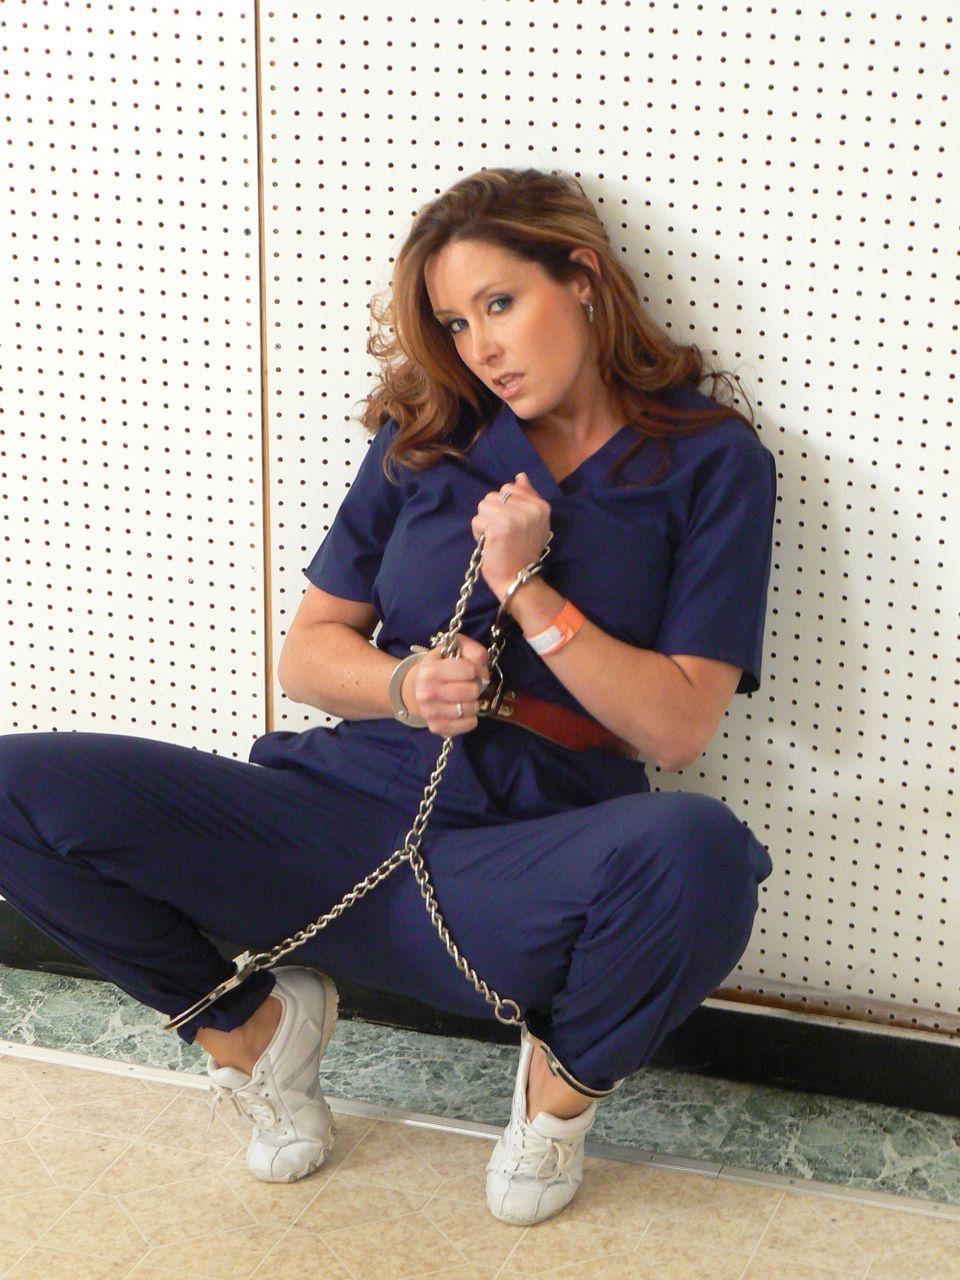 Christina Carter Photos: gotcuffs.com/content/?cat=34